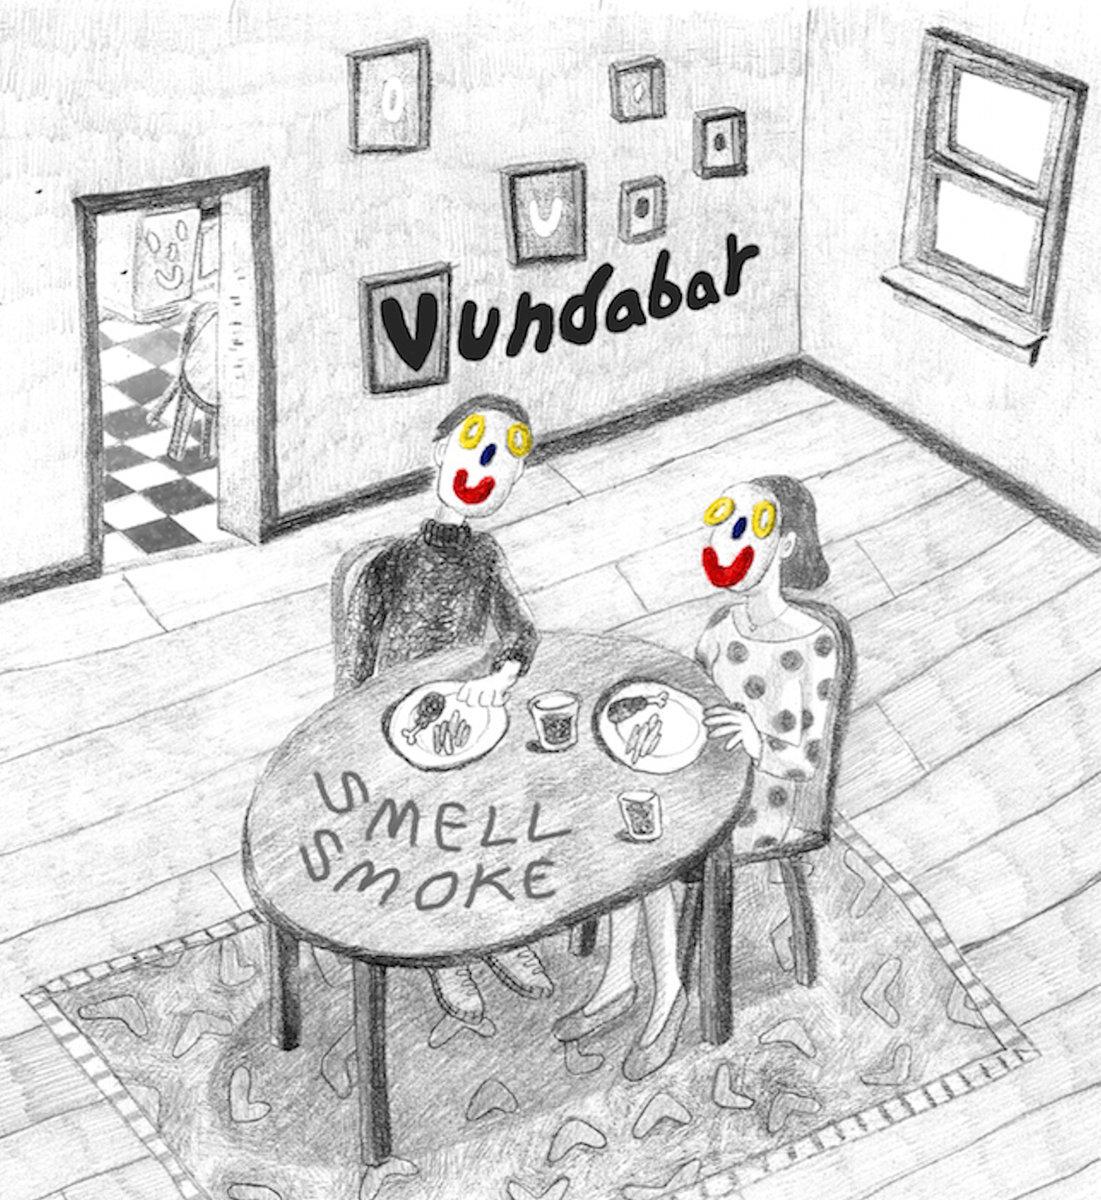 Vundabar / Smell Smoke(Ltd LP)